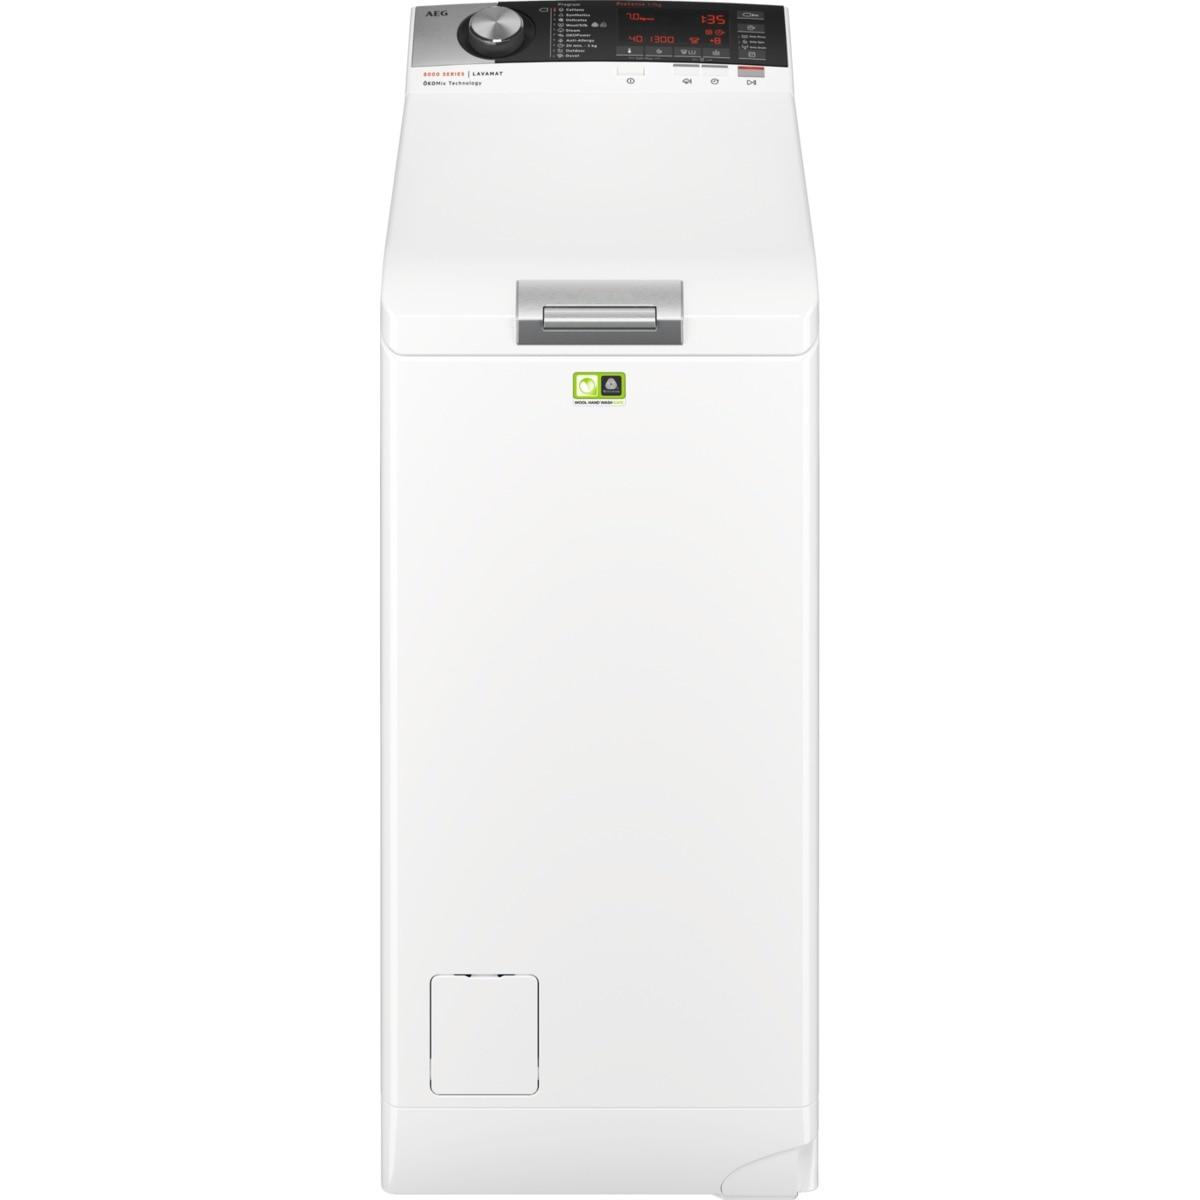 Fotografie Masina de spalat rufe cu incarcare verticala AEG LTX8C373E, Seria 8000, OkoMIX, 1300 RPM, 7 kg, Clasa D, Alb